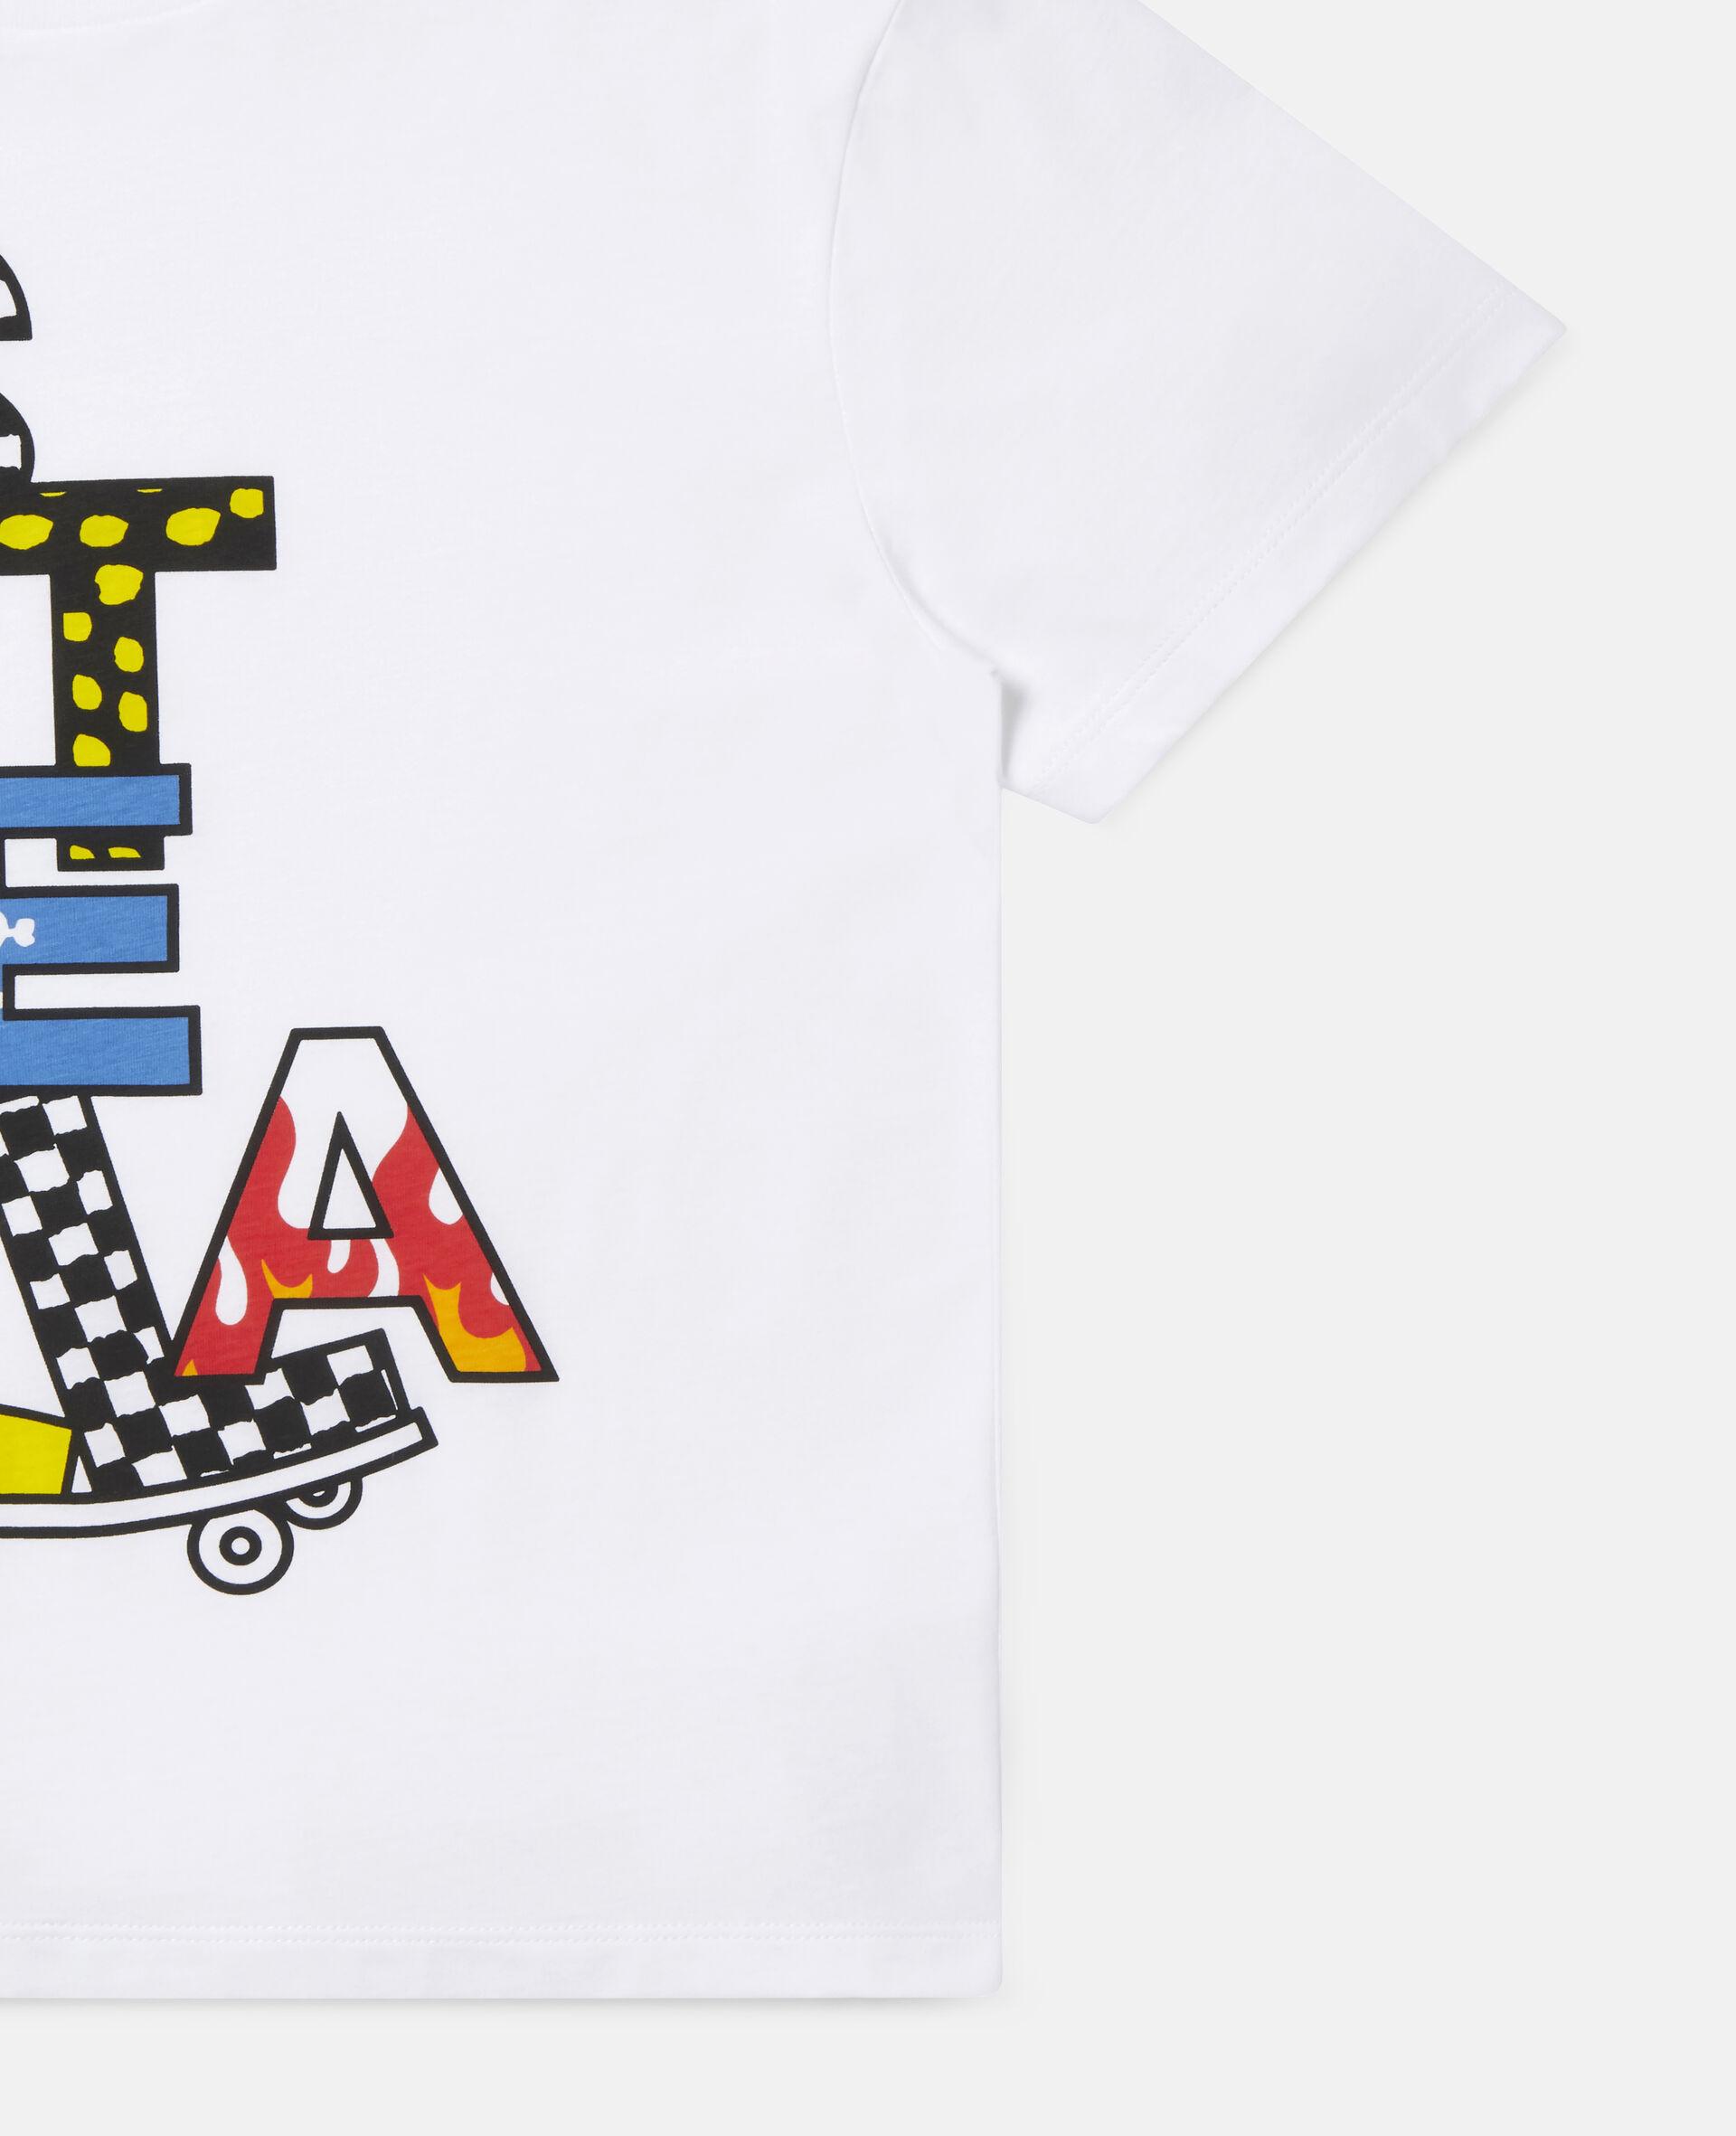 Stella滑板印花超大号棉质T恤 -白色-large image number 1